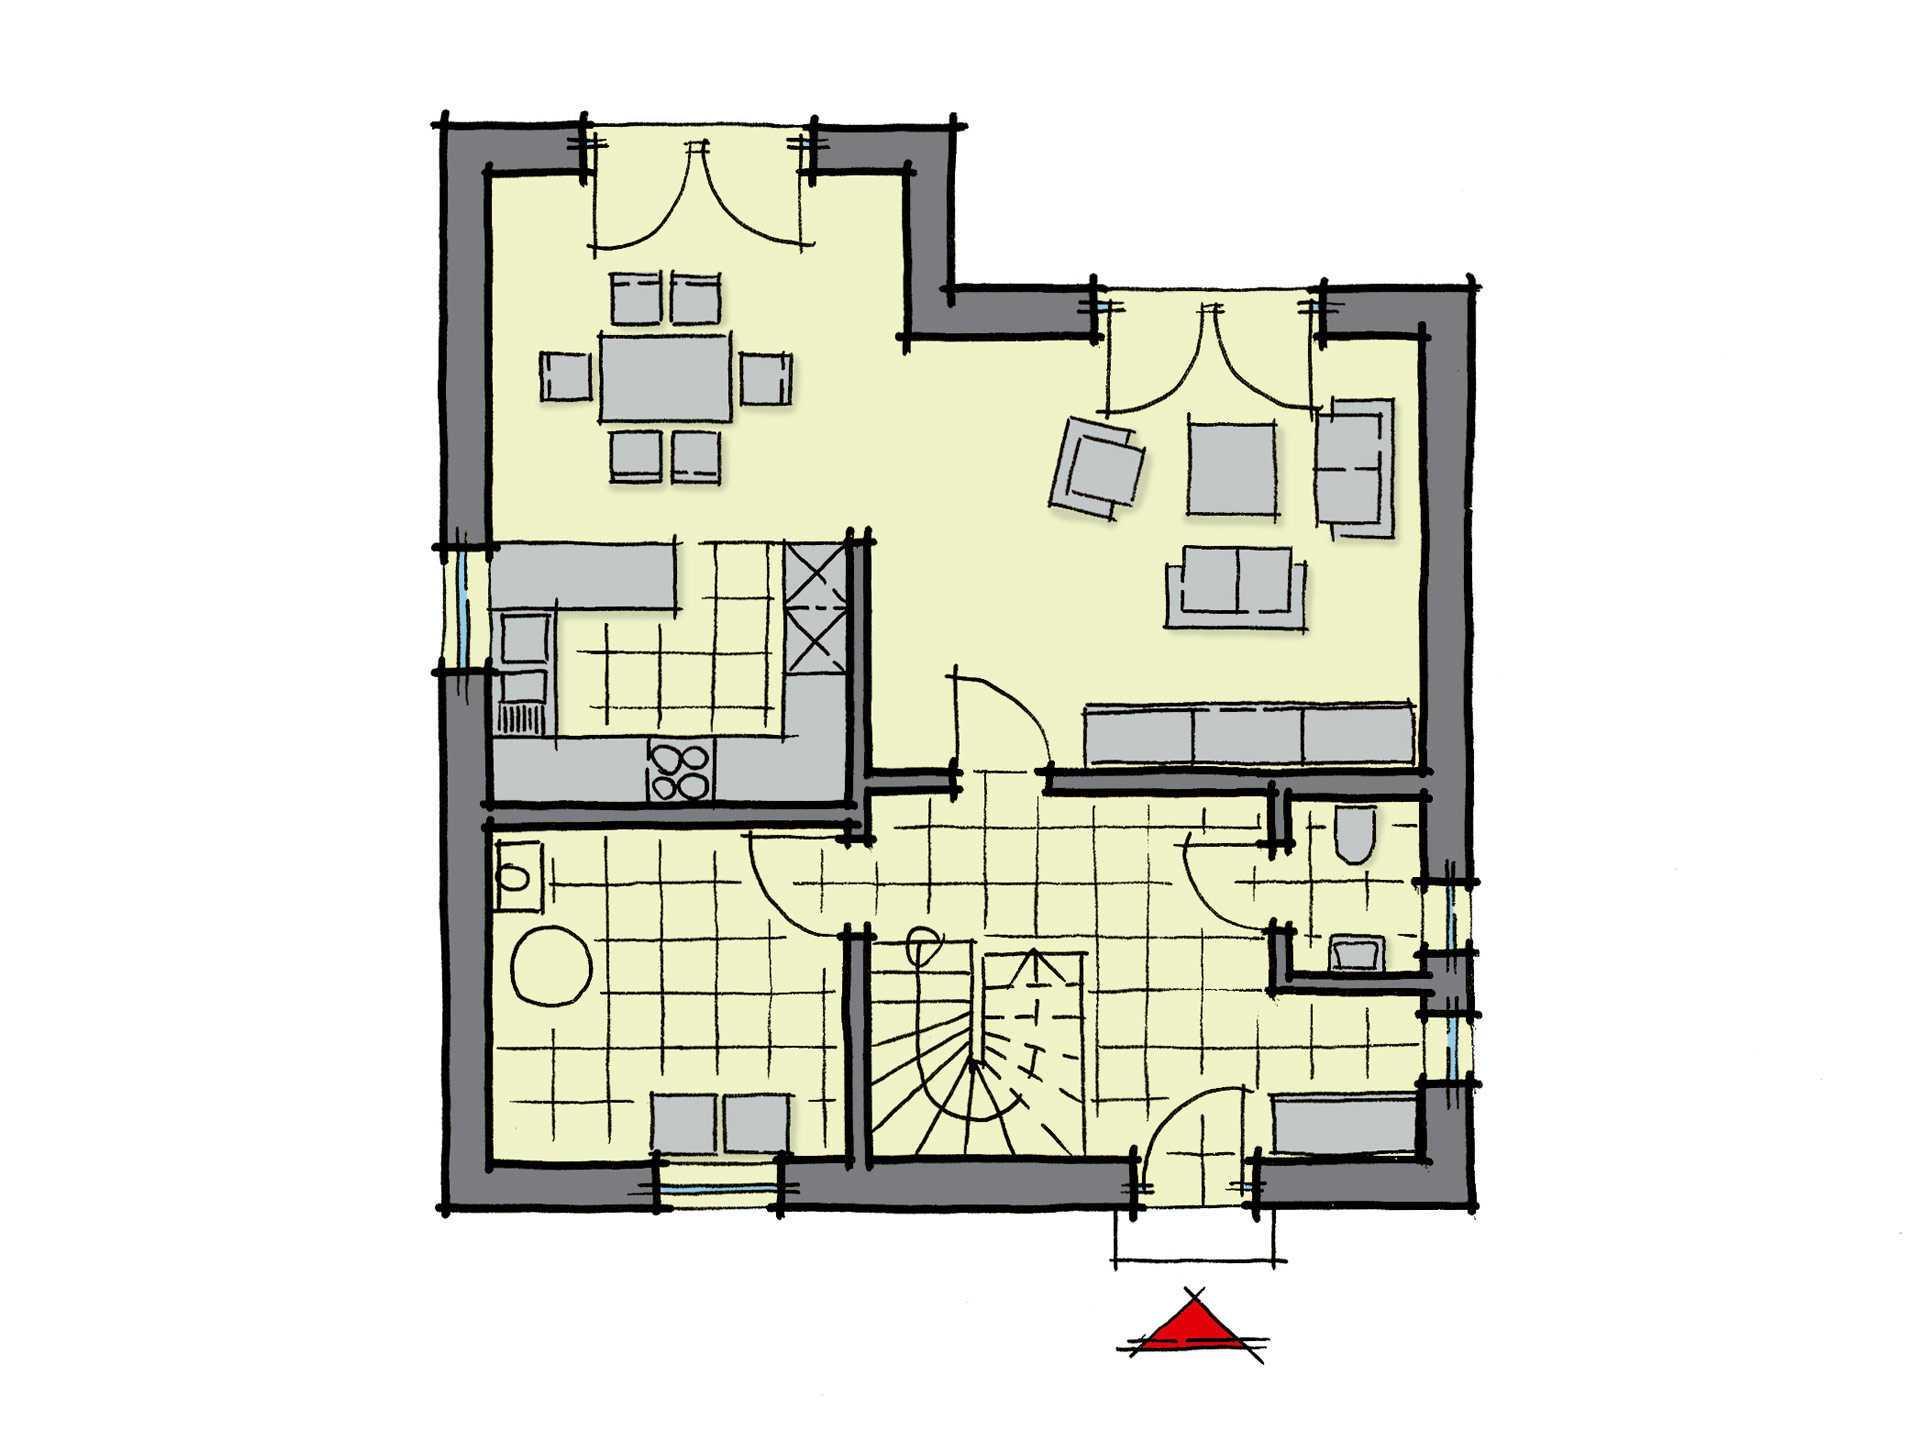 Kastanienallee Variante 1 - Eine Nahaufnahme von einem Logo - Gebäudeplan